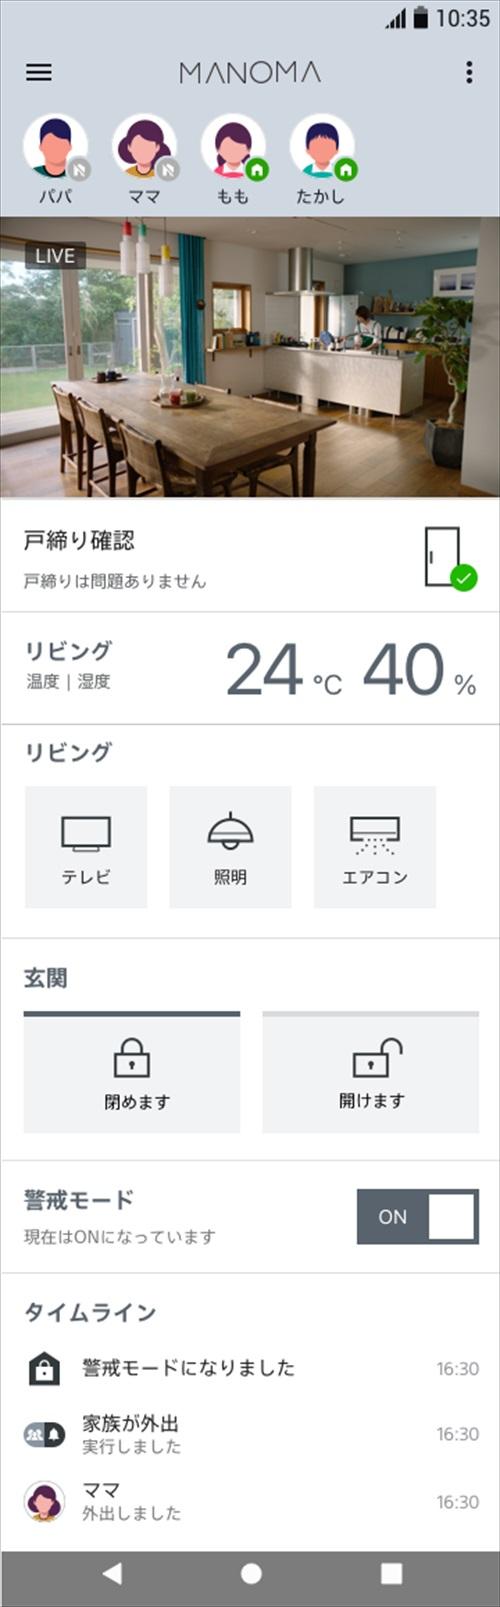 MANOMA アプリUI_r